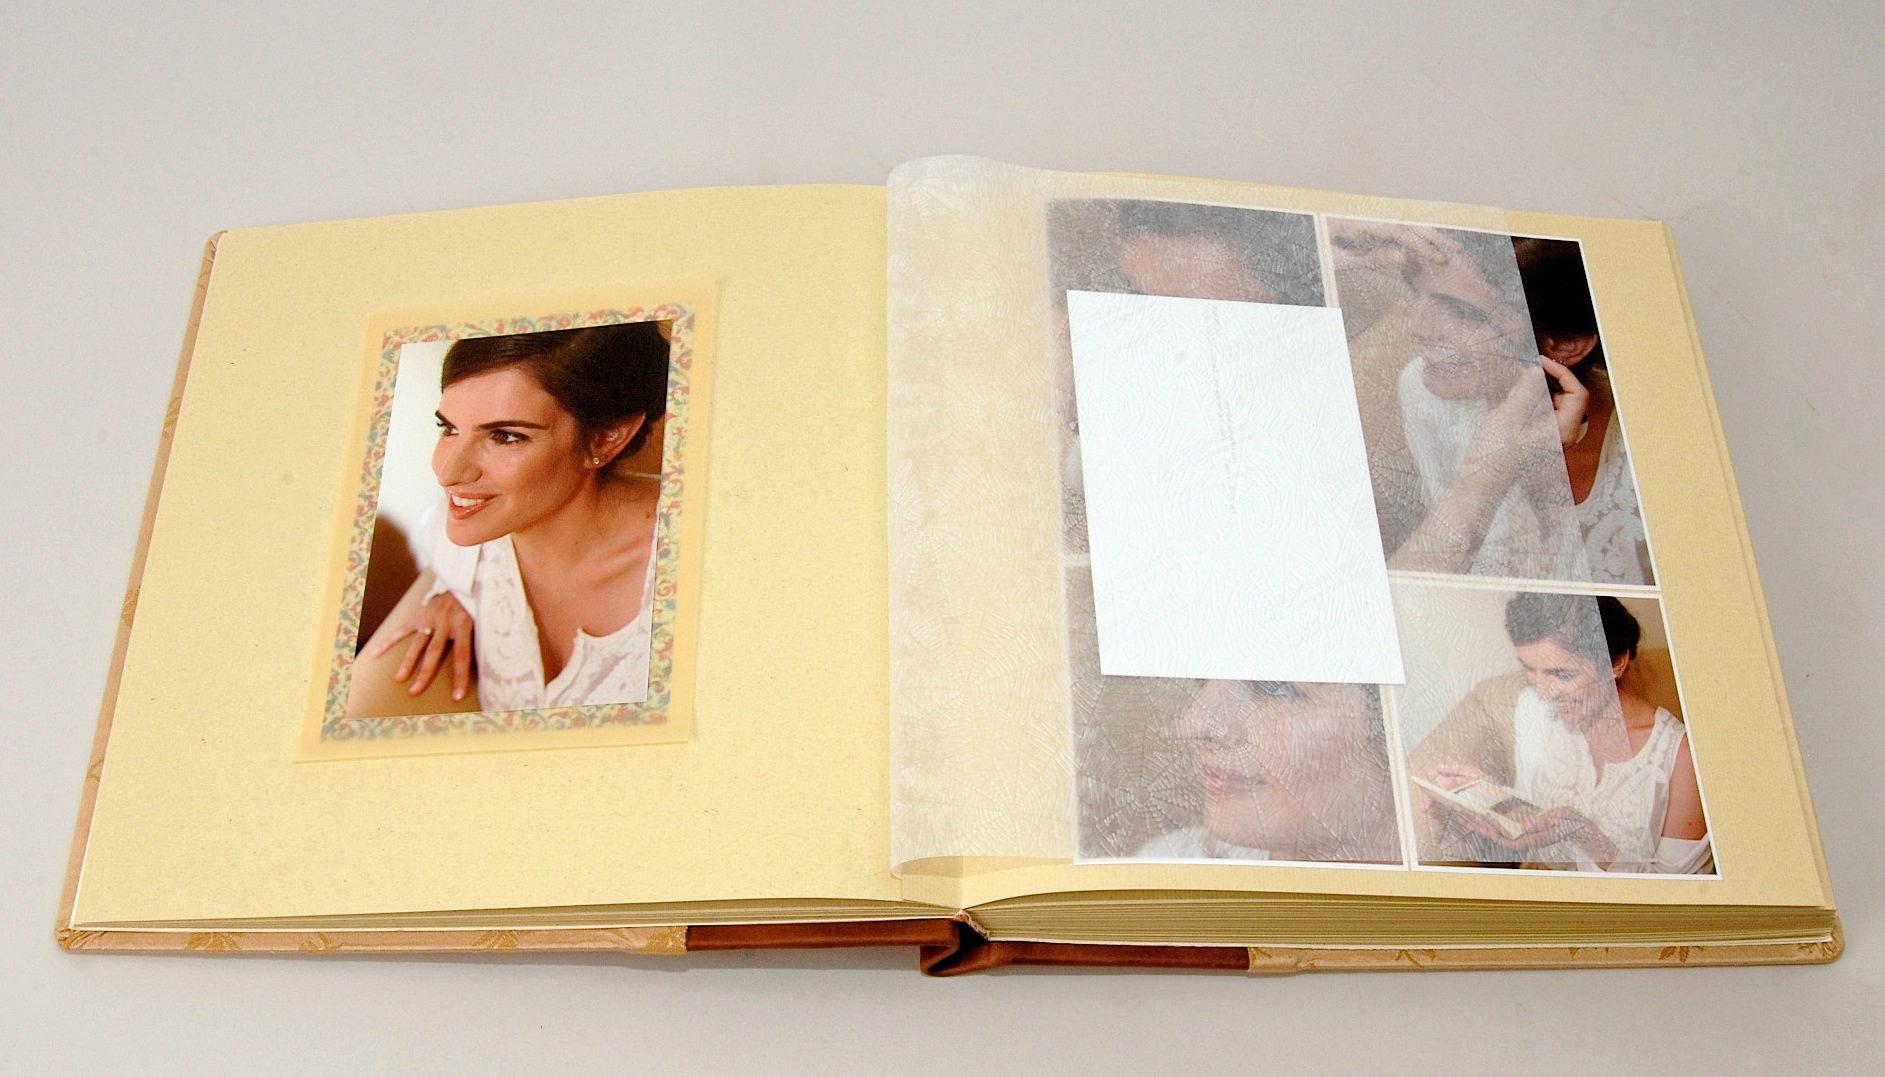 ליעד מאיר, אלבום חתונה בהדבקה